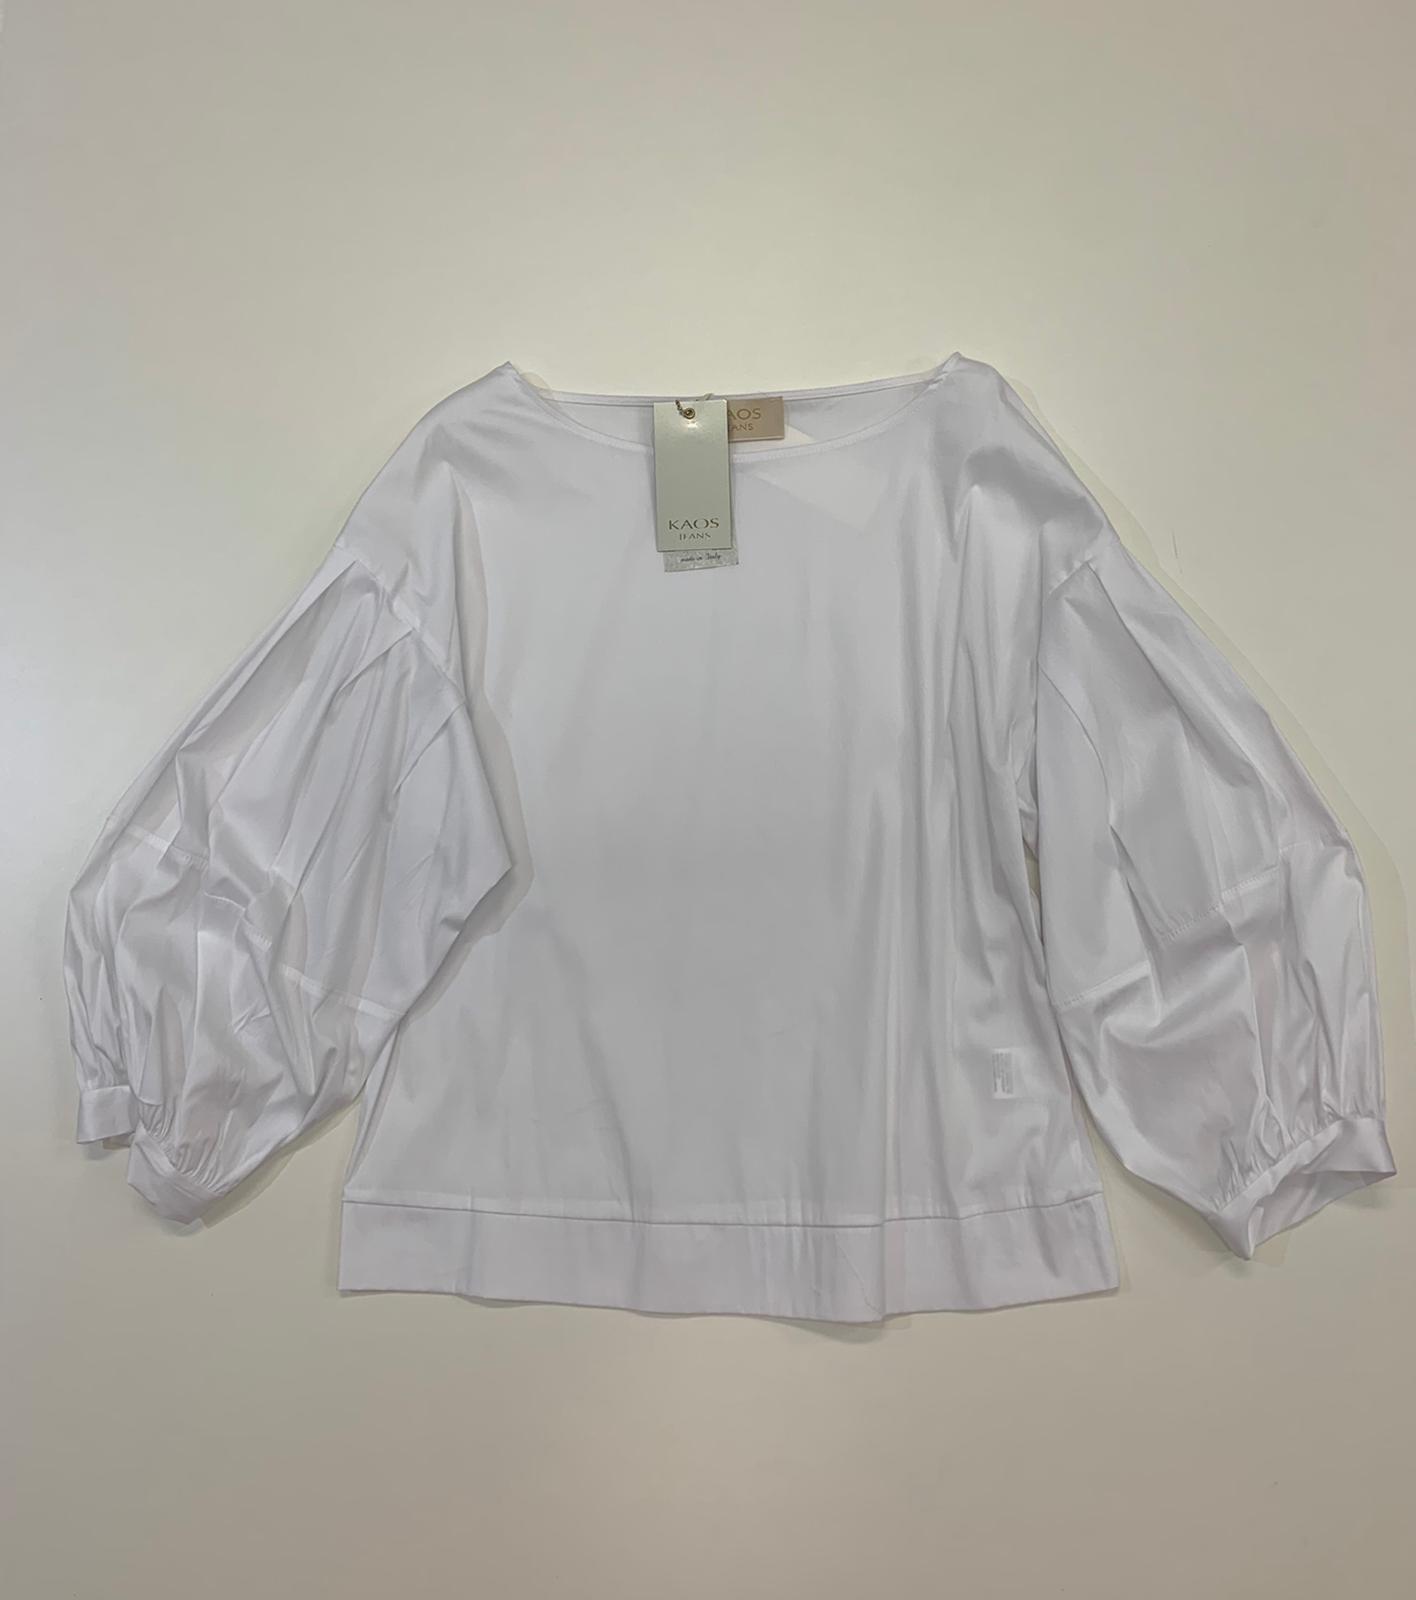 Blusa Kaos Jeans ml Cotone Bianco